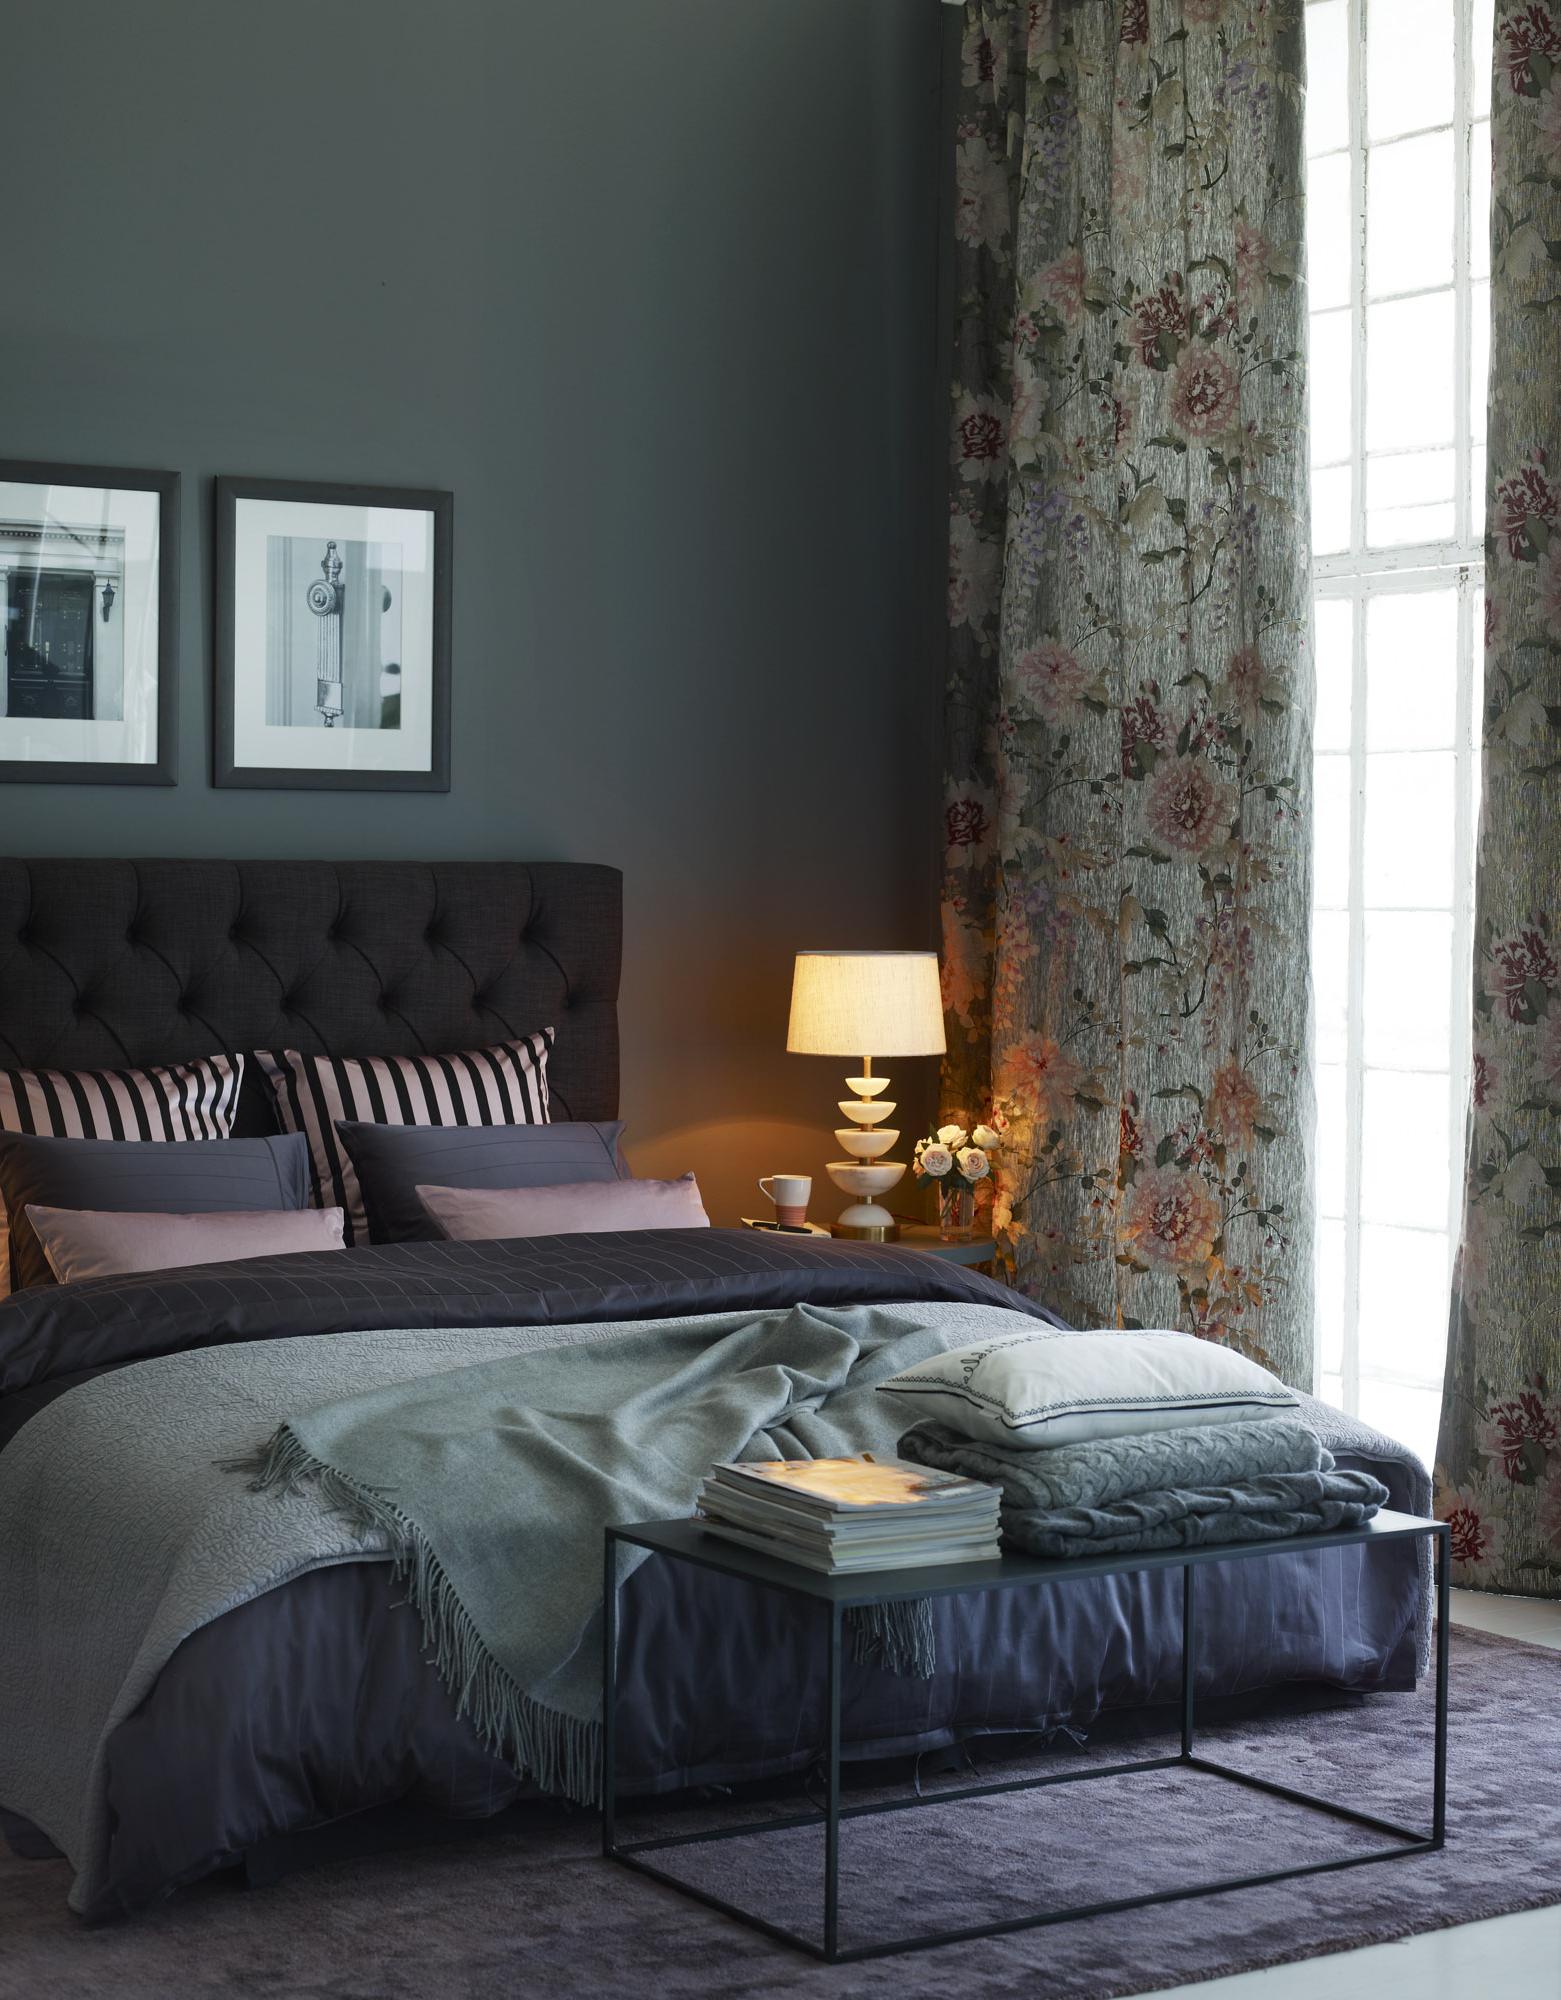 Les rideaux à motifs floraux jouent un rôle essentiel dans la présentation finale et apporte une touche artistique.